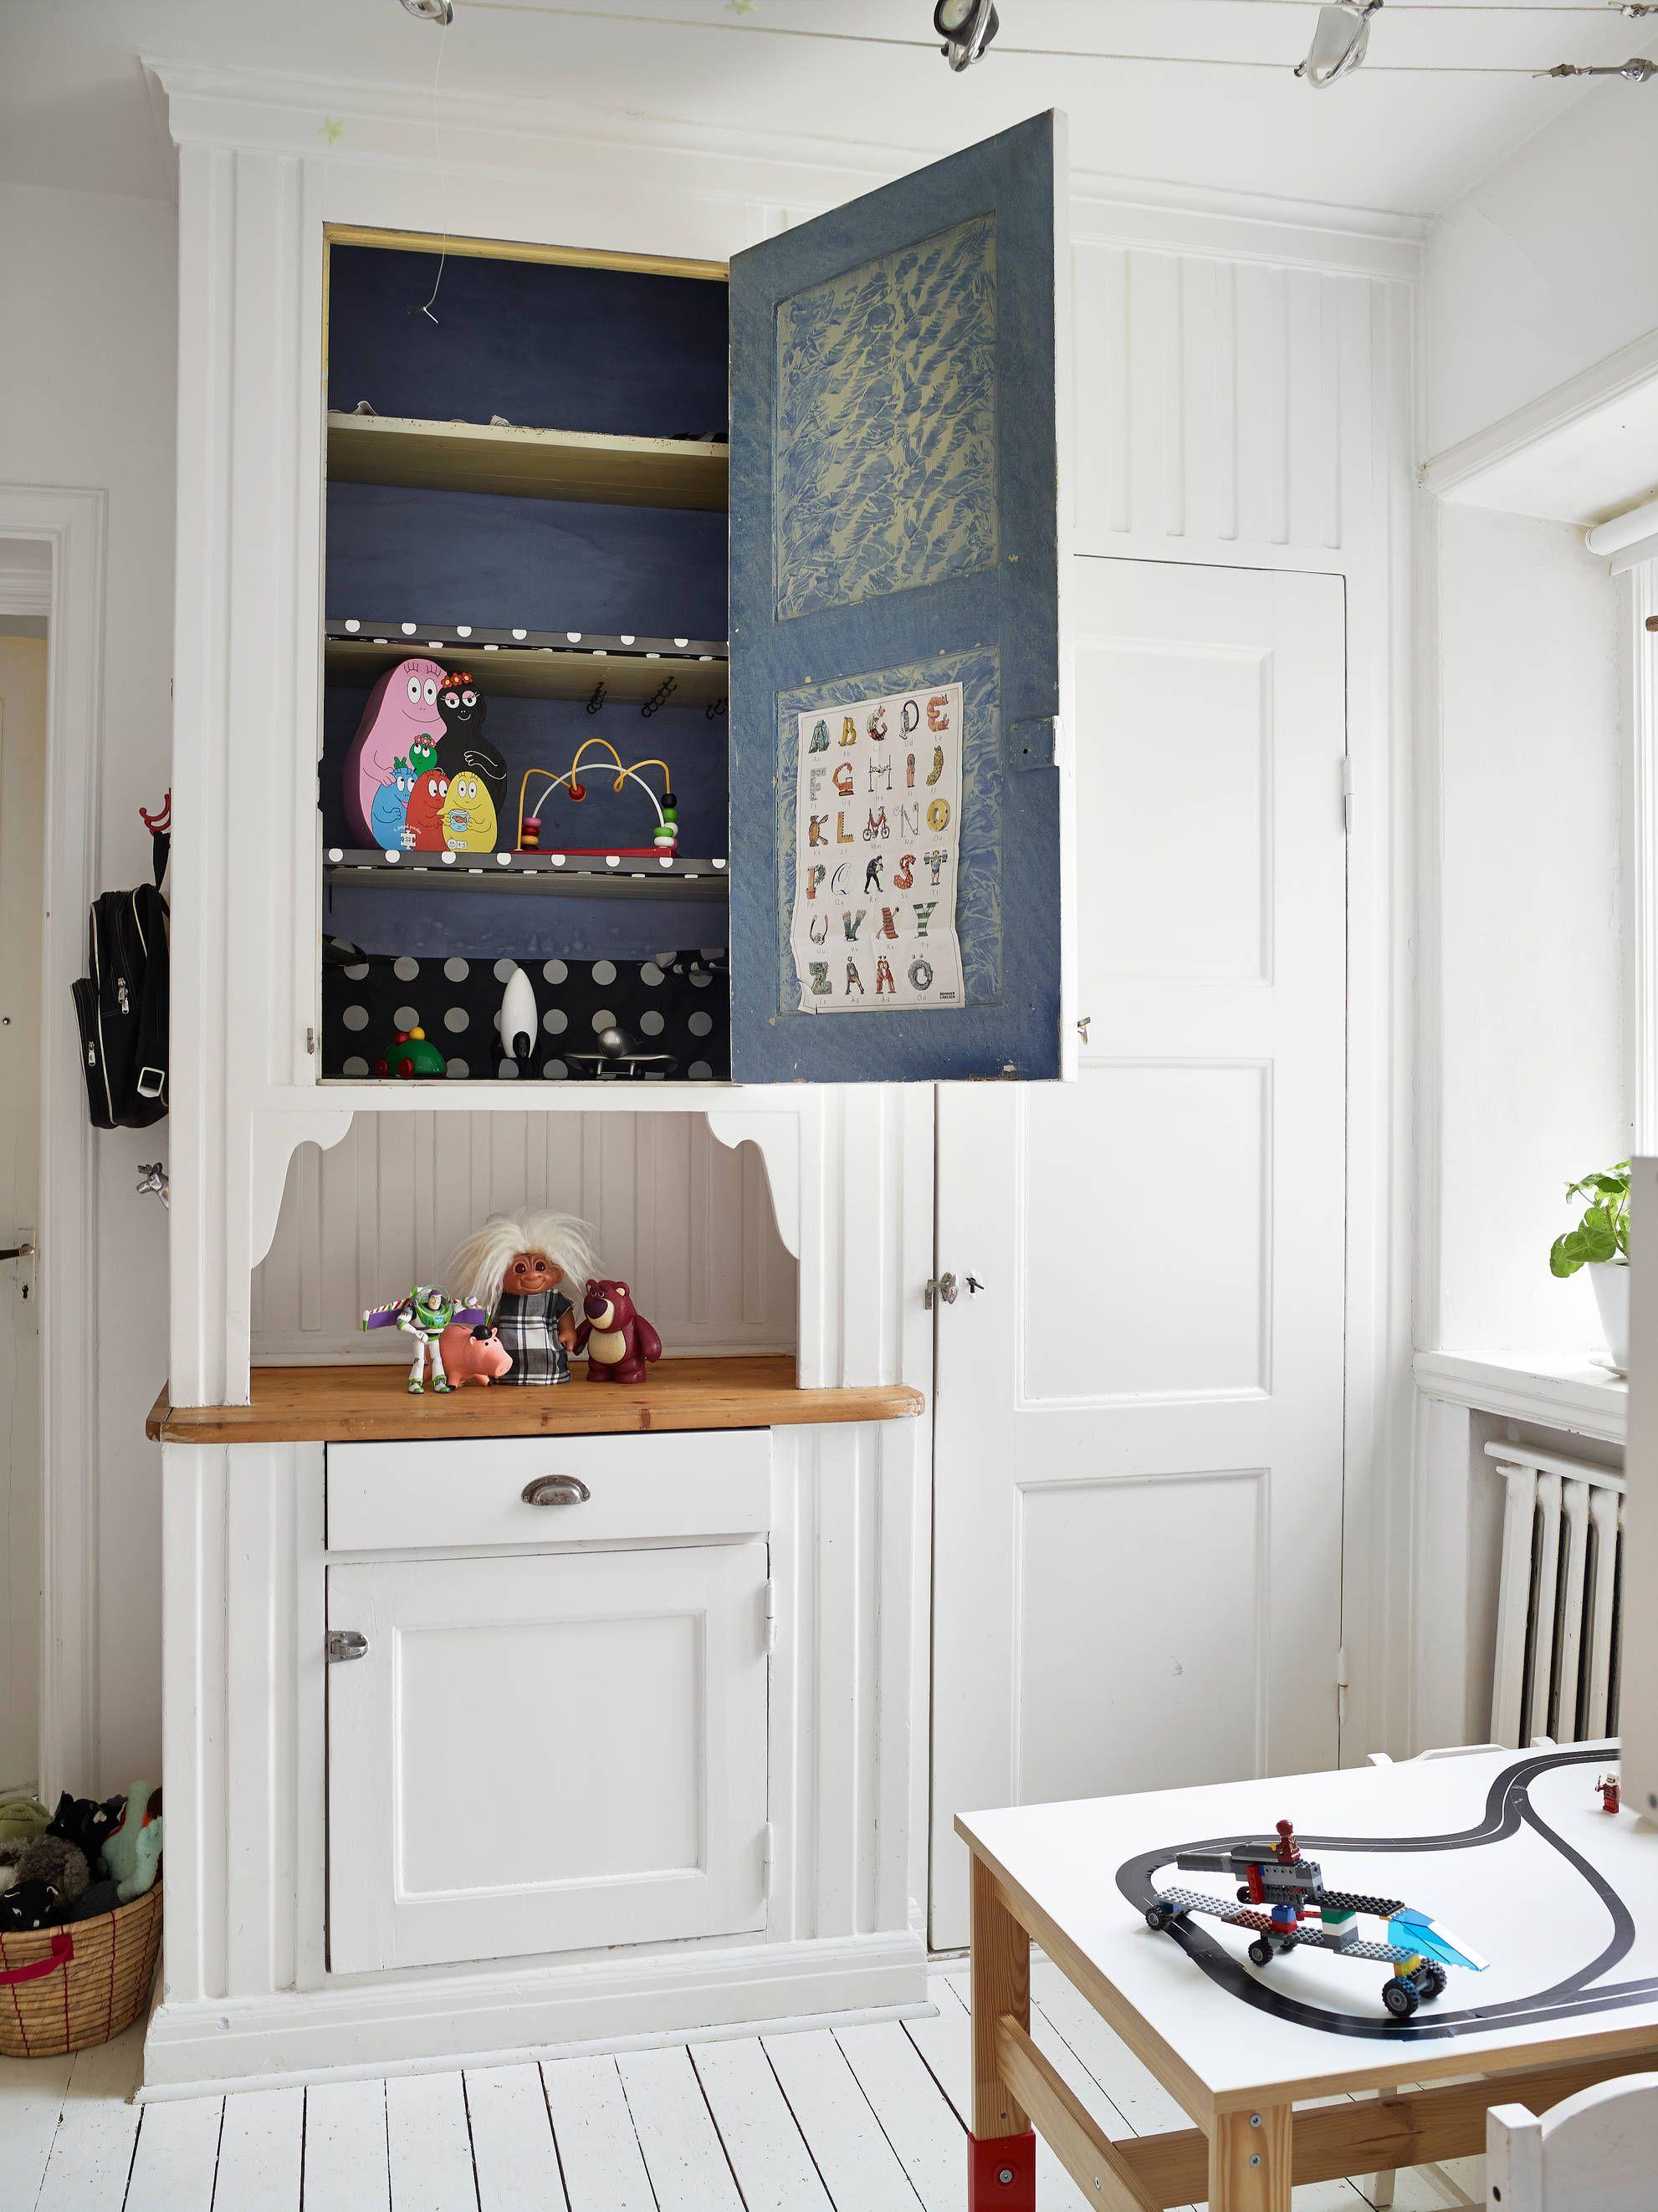 Une Chambre En Plus En Sous Sol With Images Home Decor